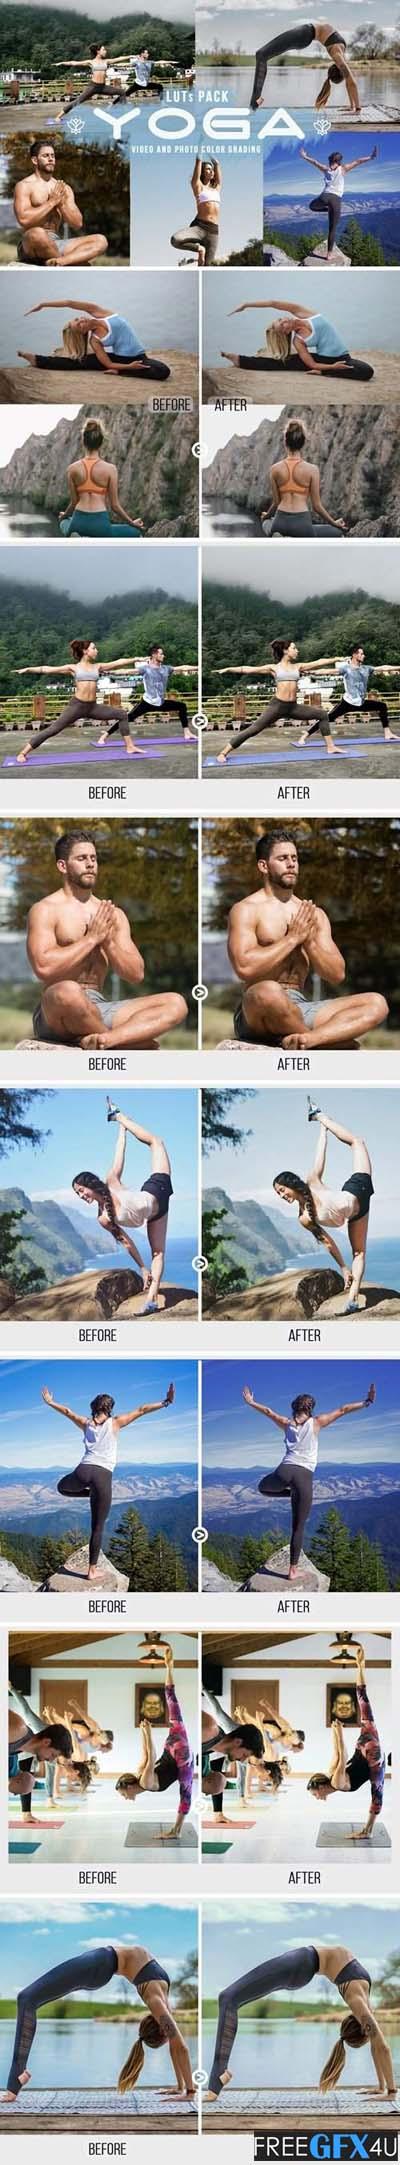 Yoga LUTs - 11 Yoga